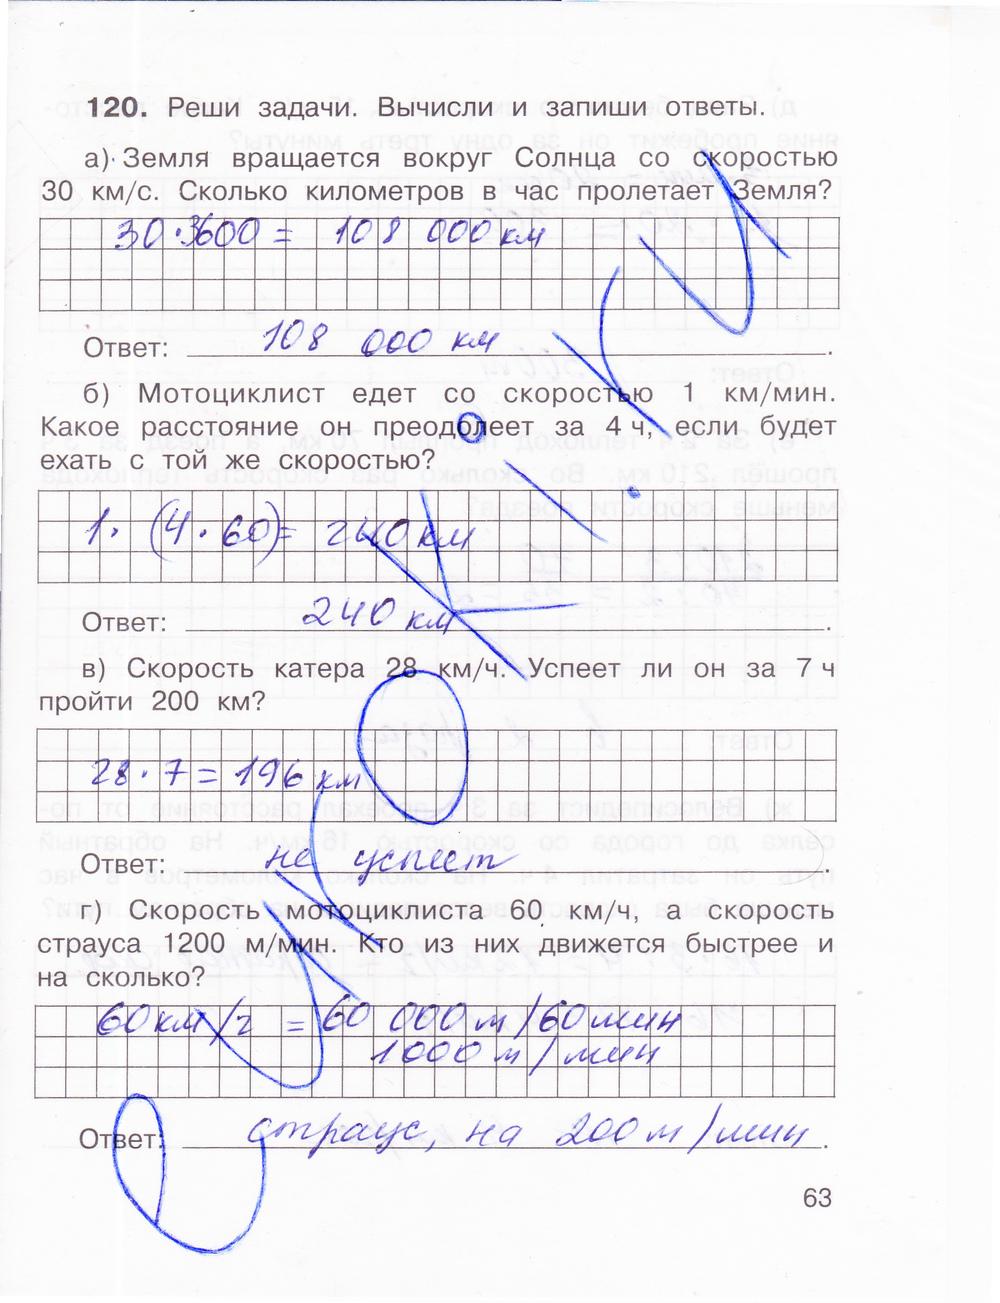 Методическое пособие к вопросам и задачам по математике 4 класс захарова